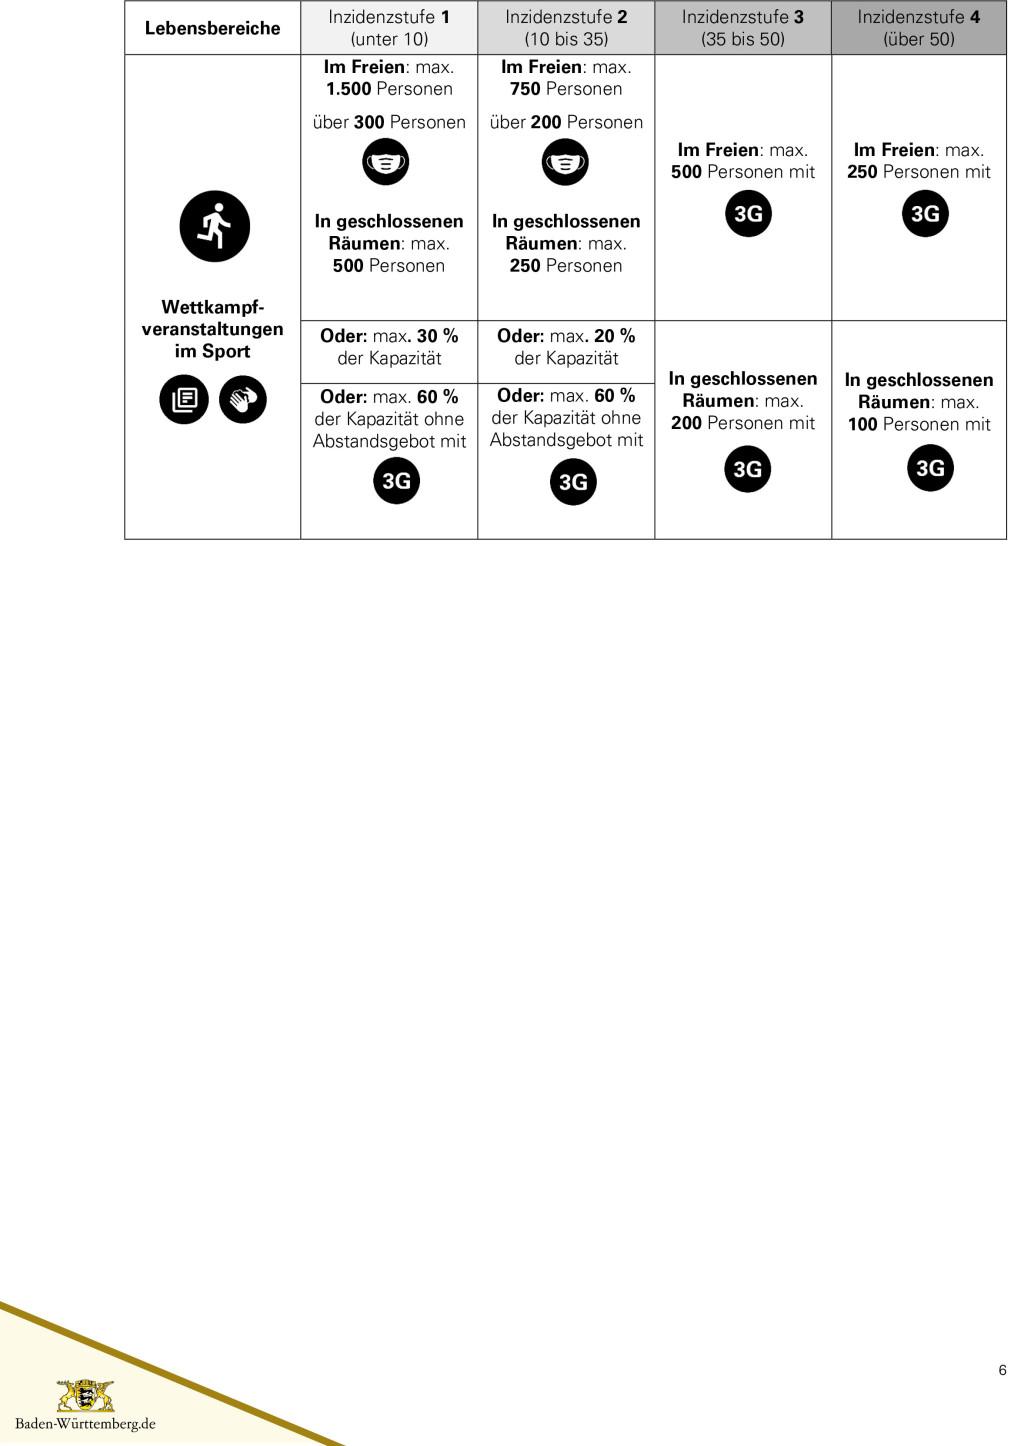 Lockerungen mit vier Inzidenzstufen - Seite 6